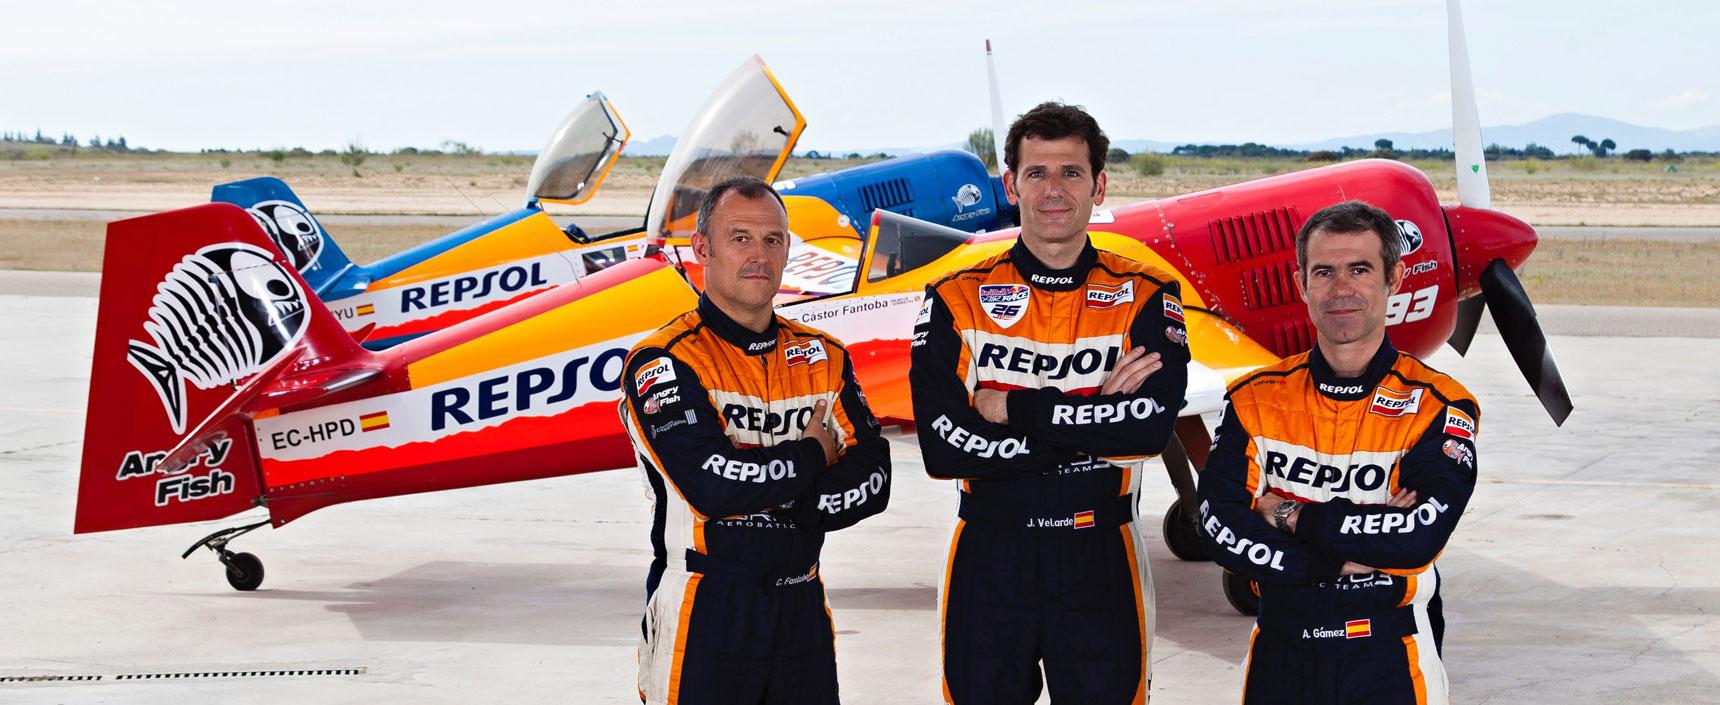 Miembros del Equipo Bravo3 Repsol de vuelo acrobático con el que Juan Velarde se proclama subcampeón del Campeonato de España